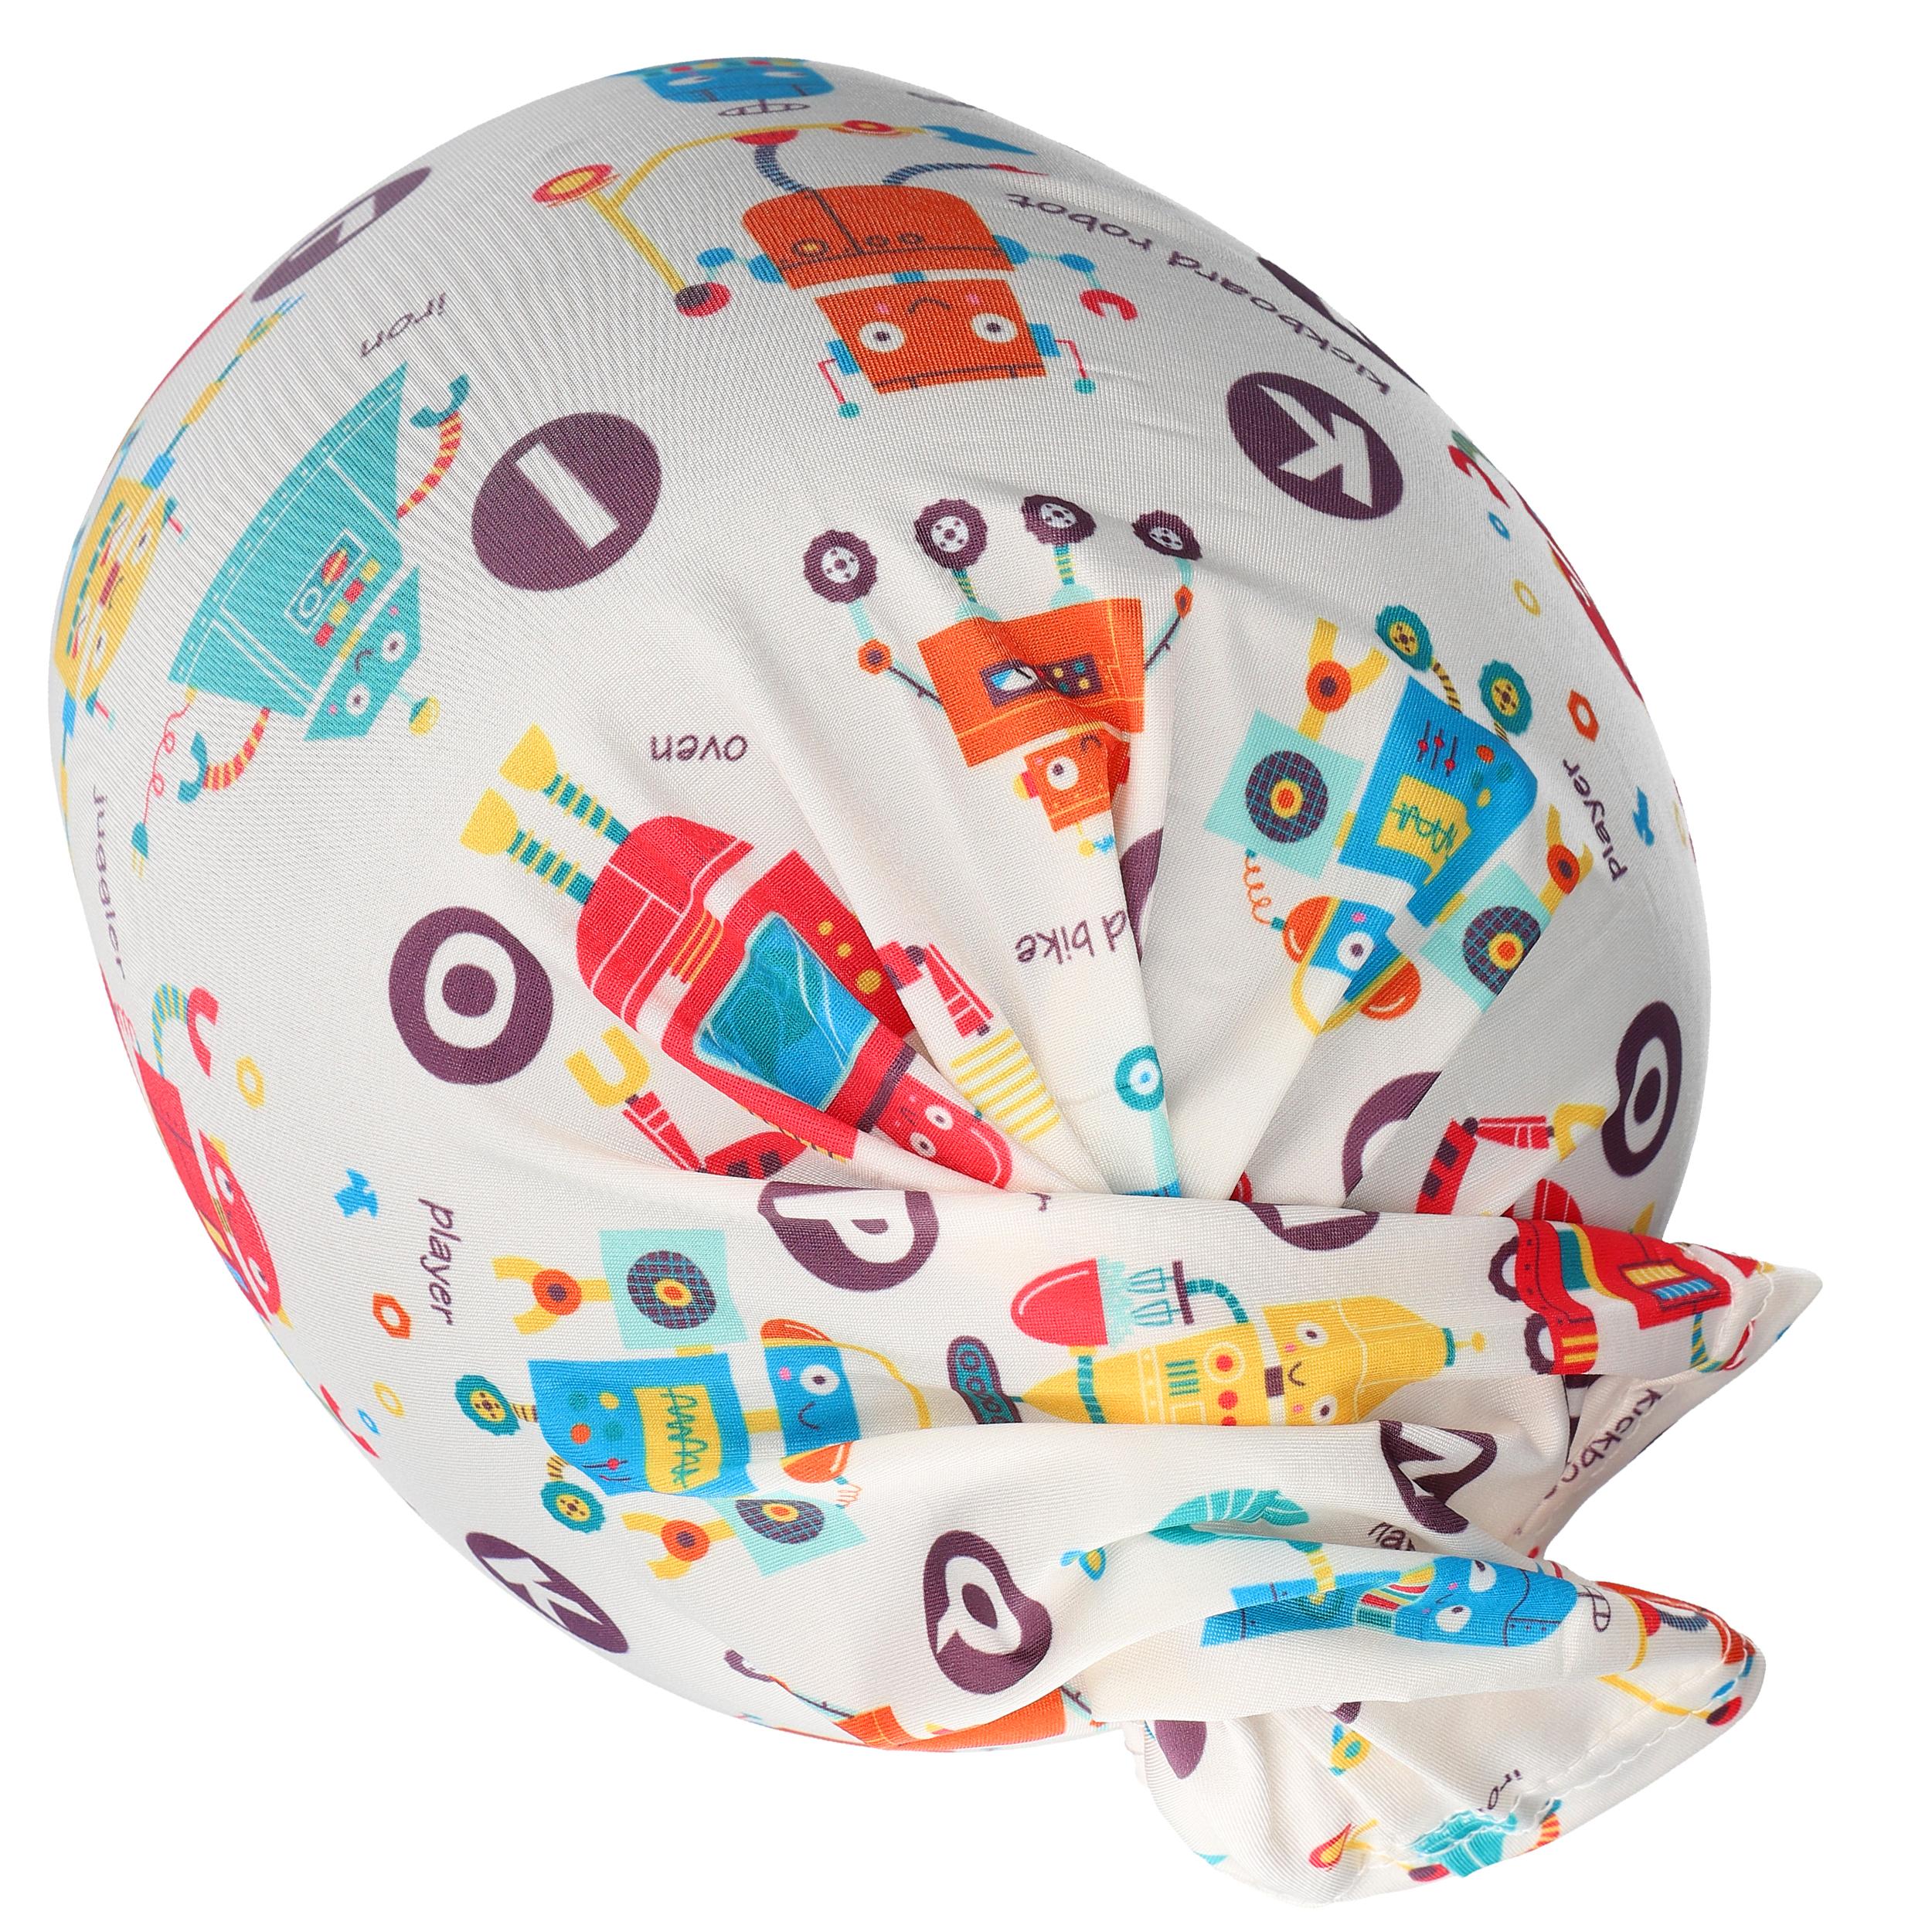 Indexbild 125 - Kinder Schlauchschal Maske Gesichtsmaske Mund Nase Bedeckung Halstuch waschbar